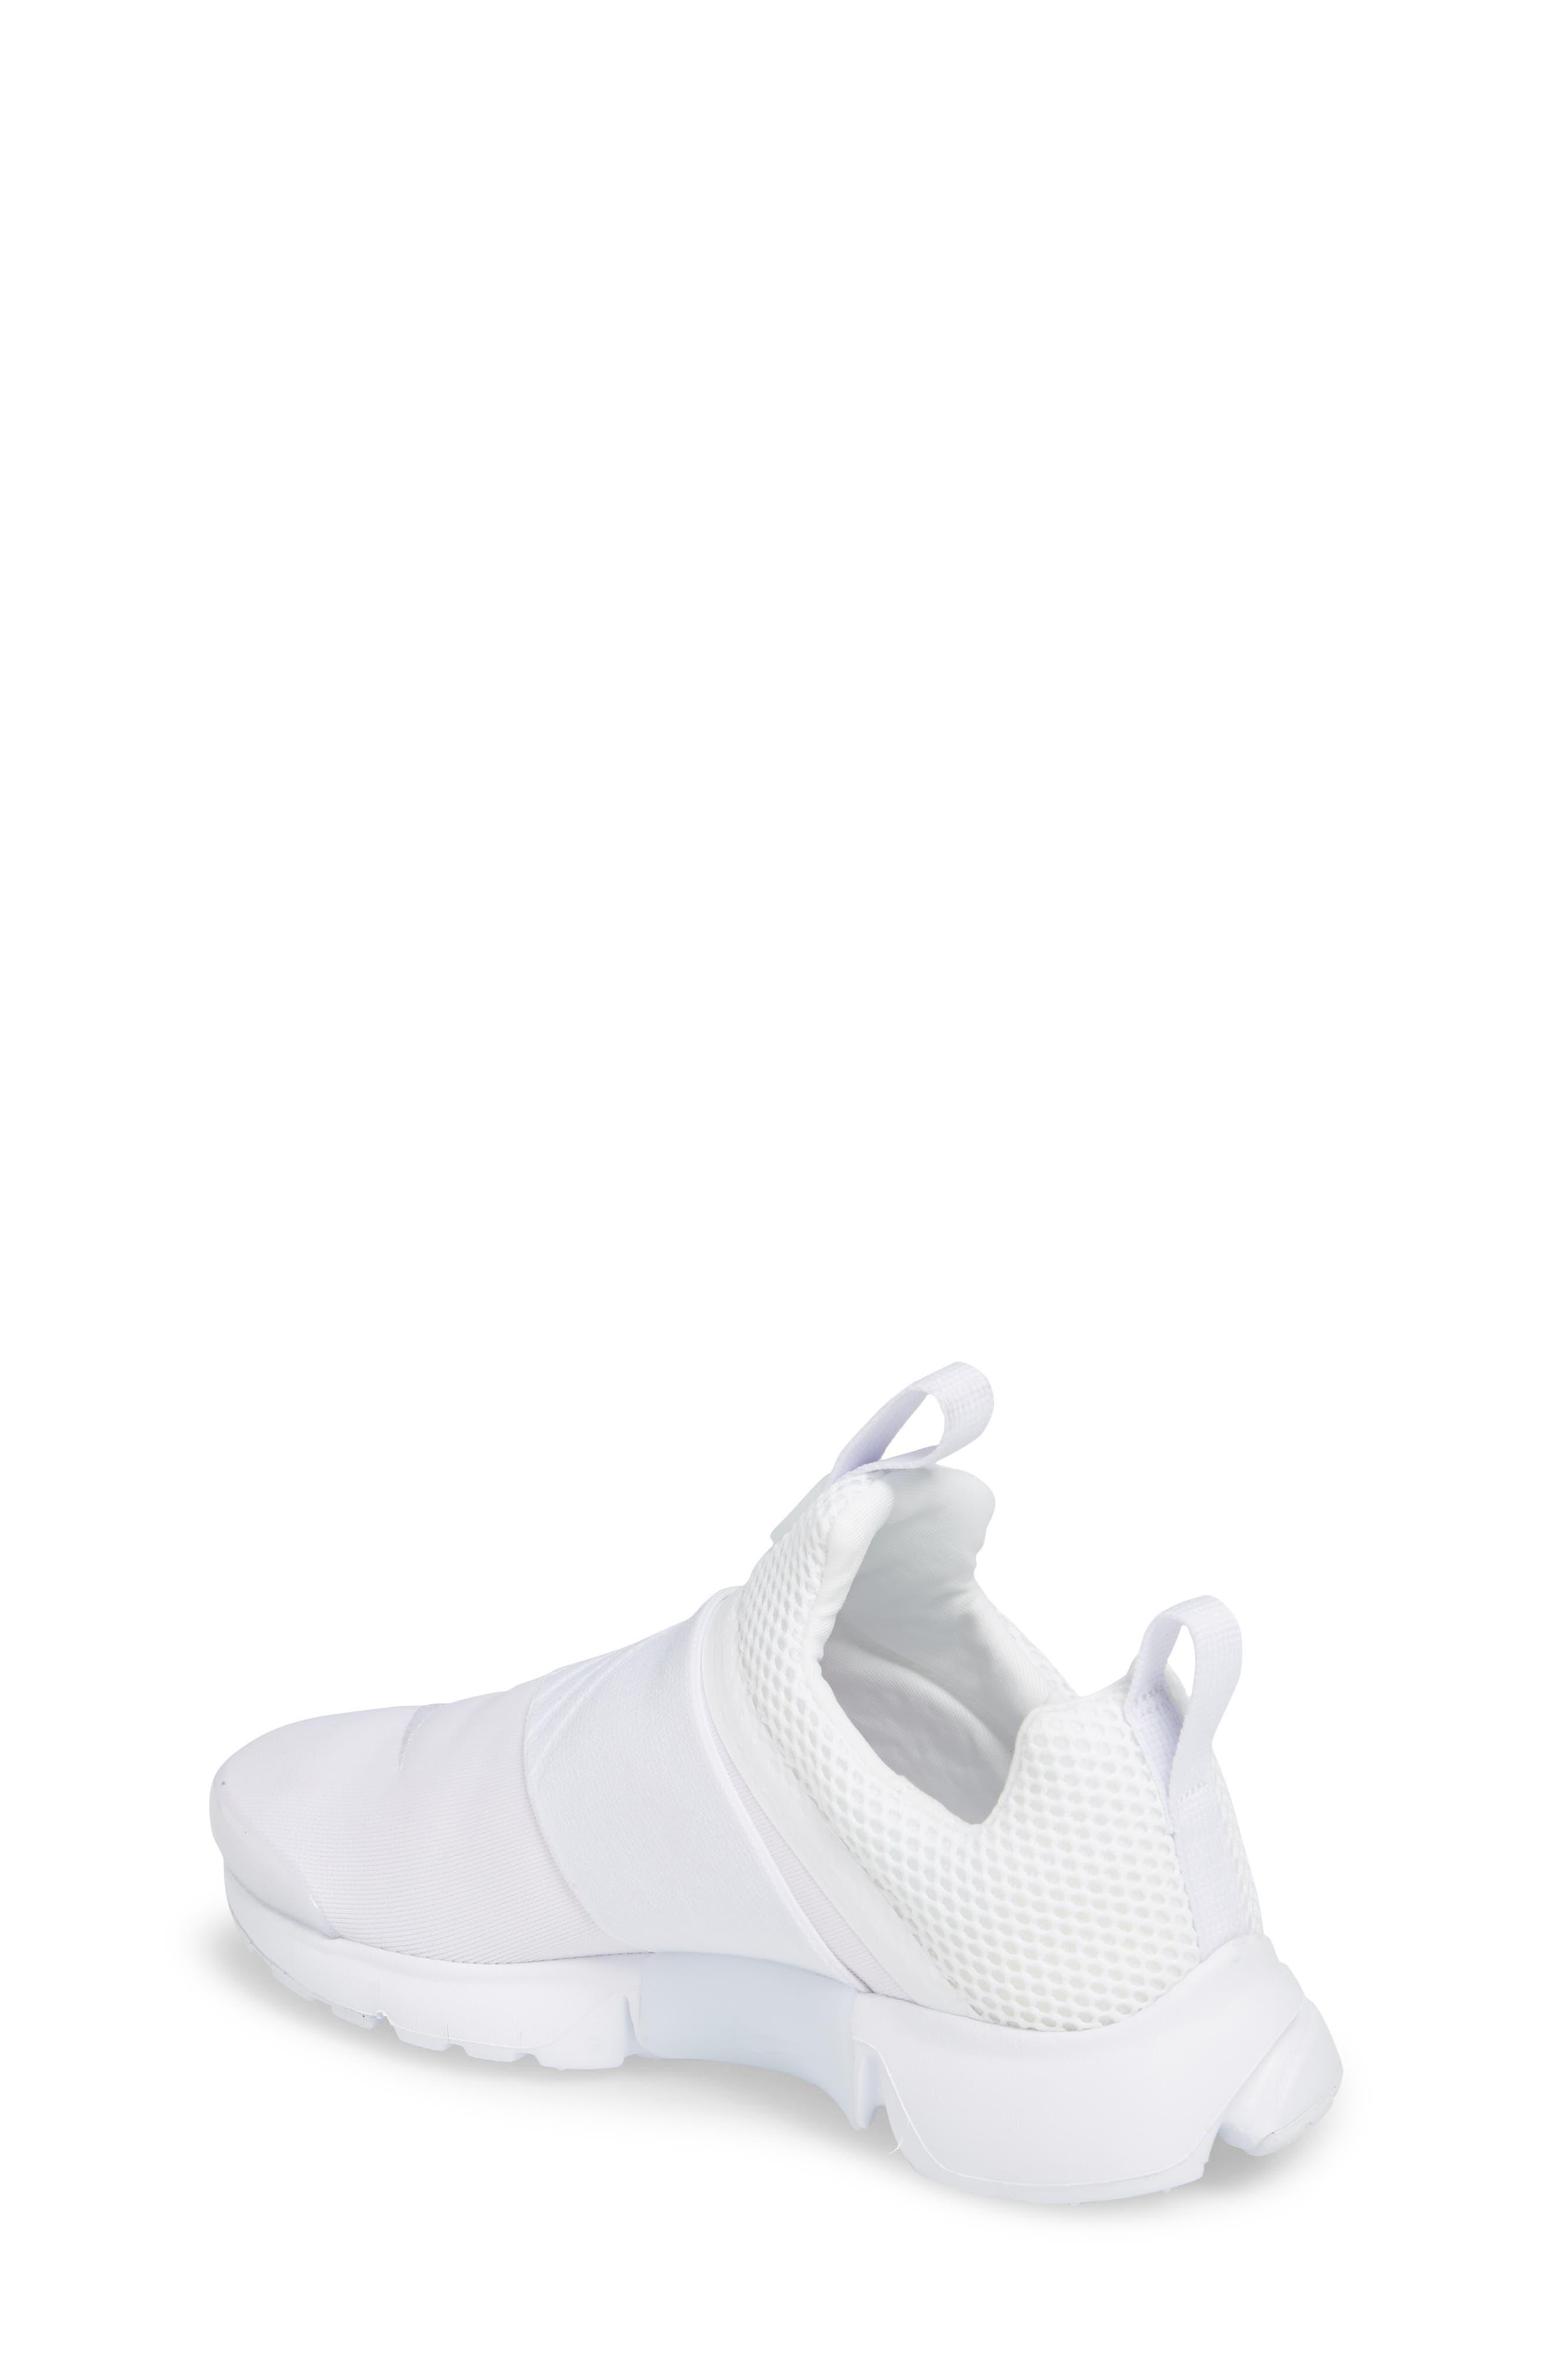 Presto Extreme Sneaker,                             Alternate thumbnail 2, color,                             White/ White/ White